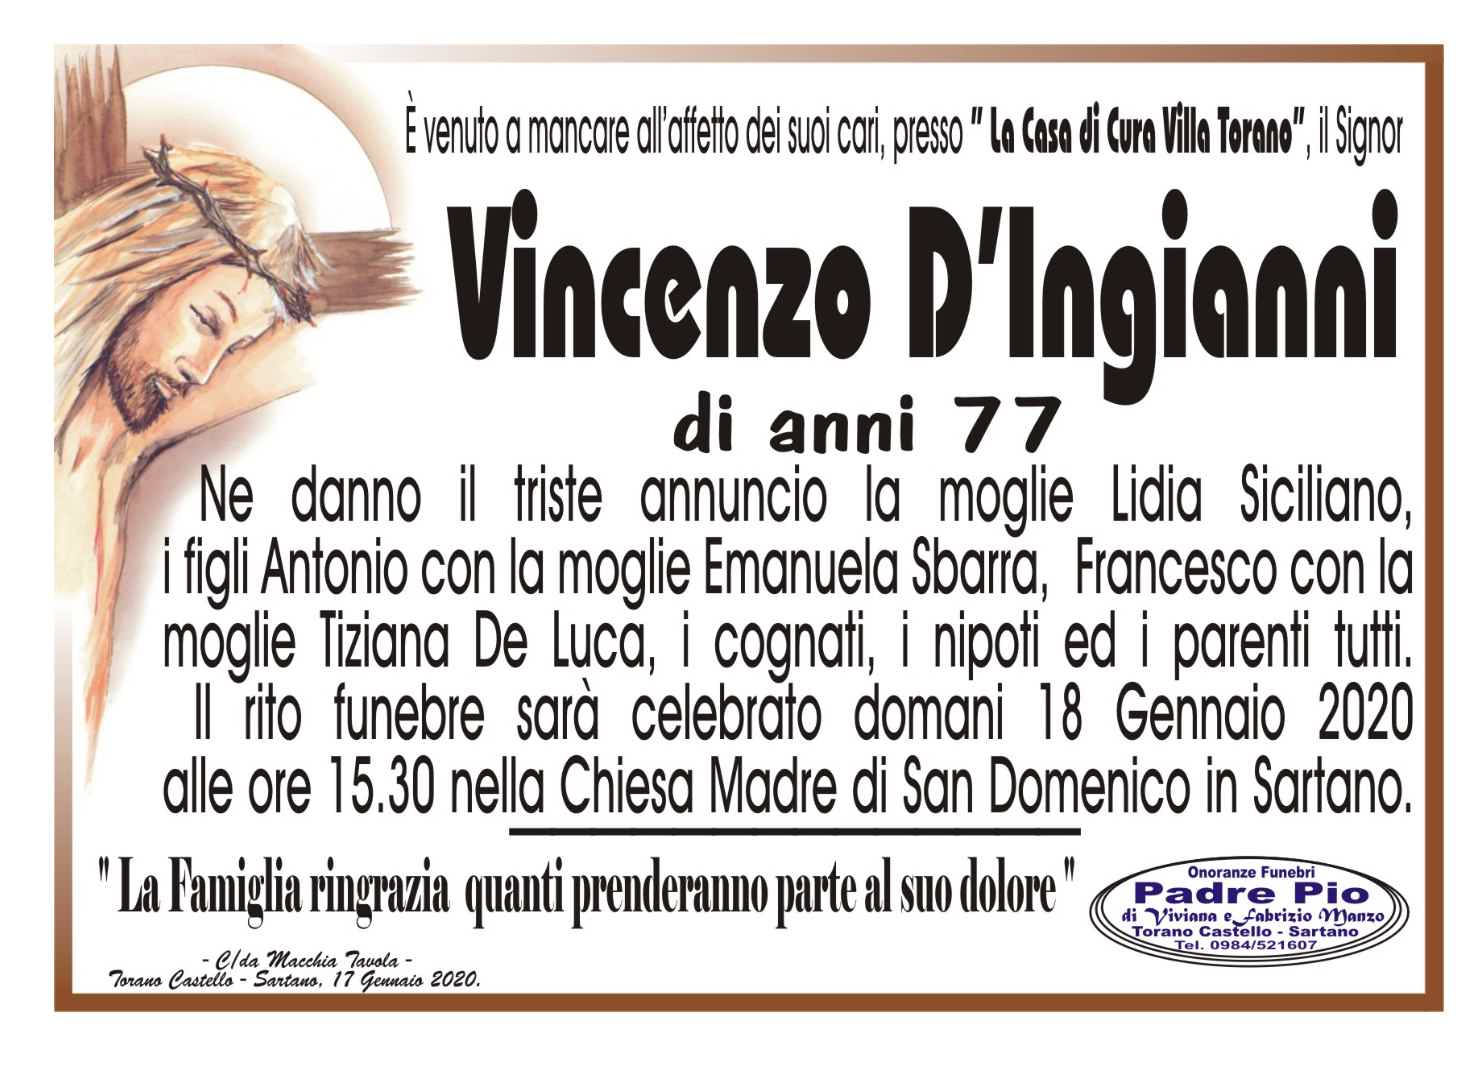 Vincenzo D'Ingianni